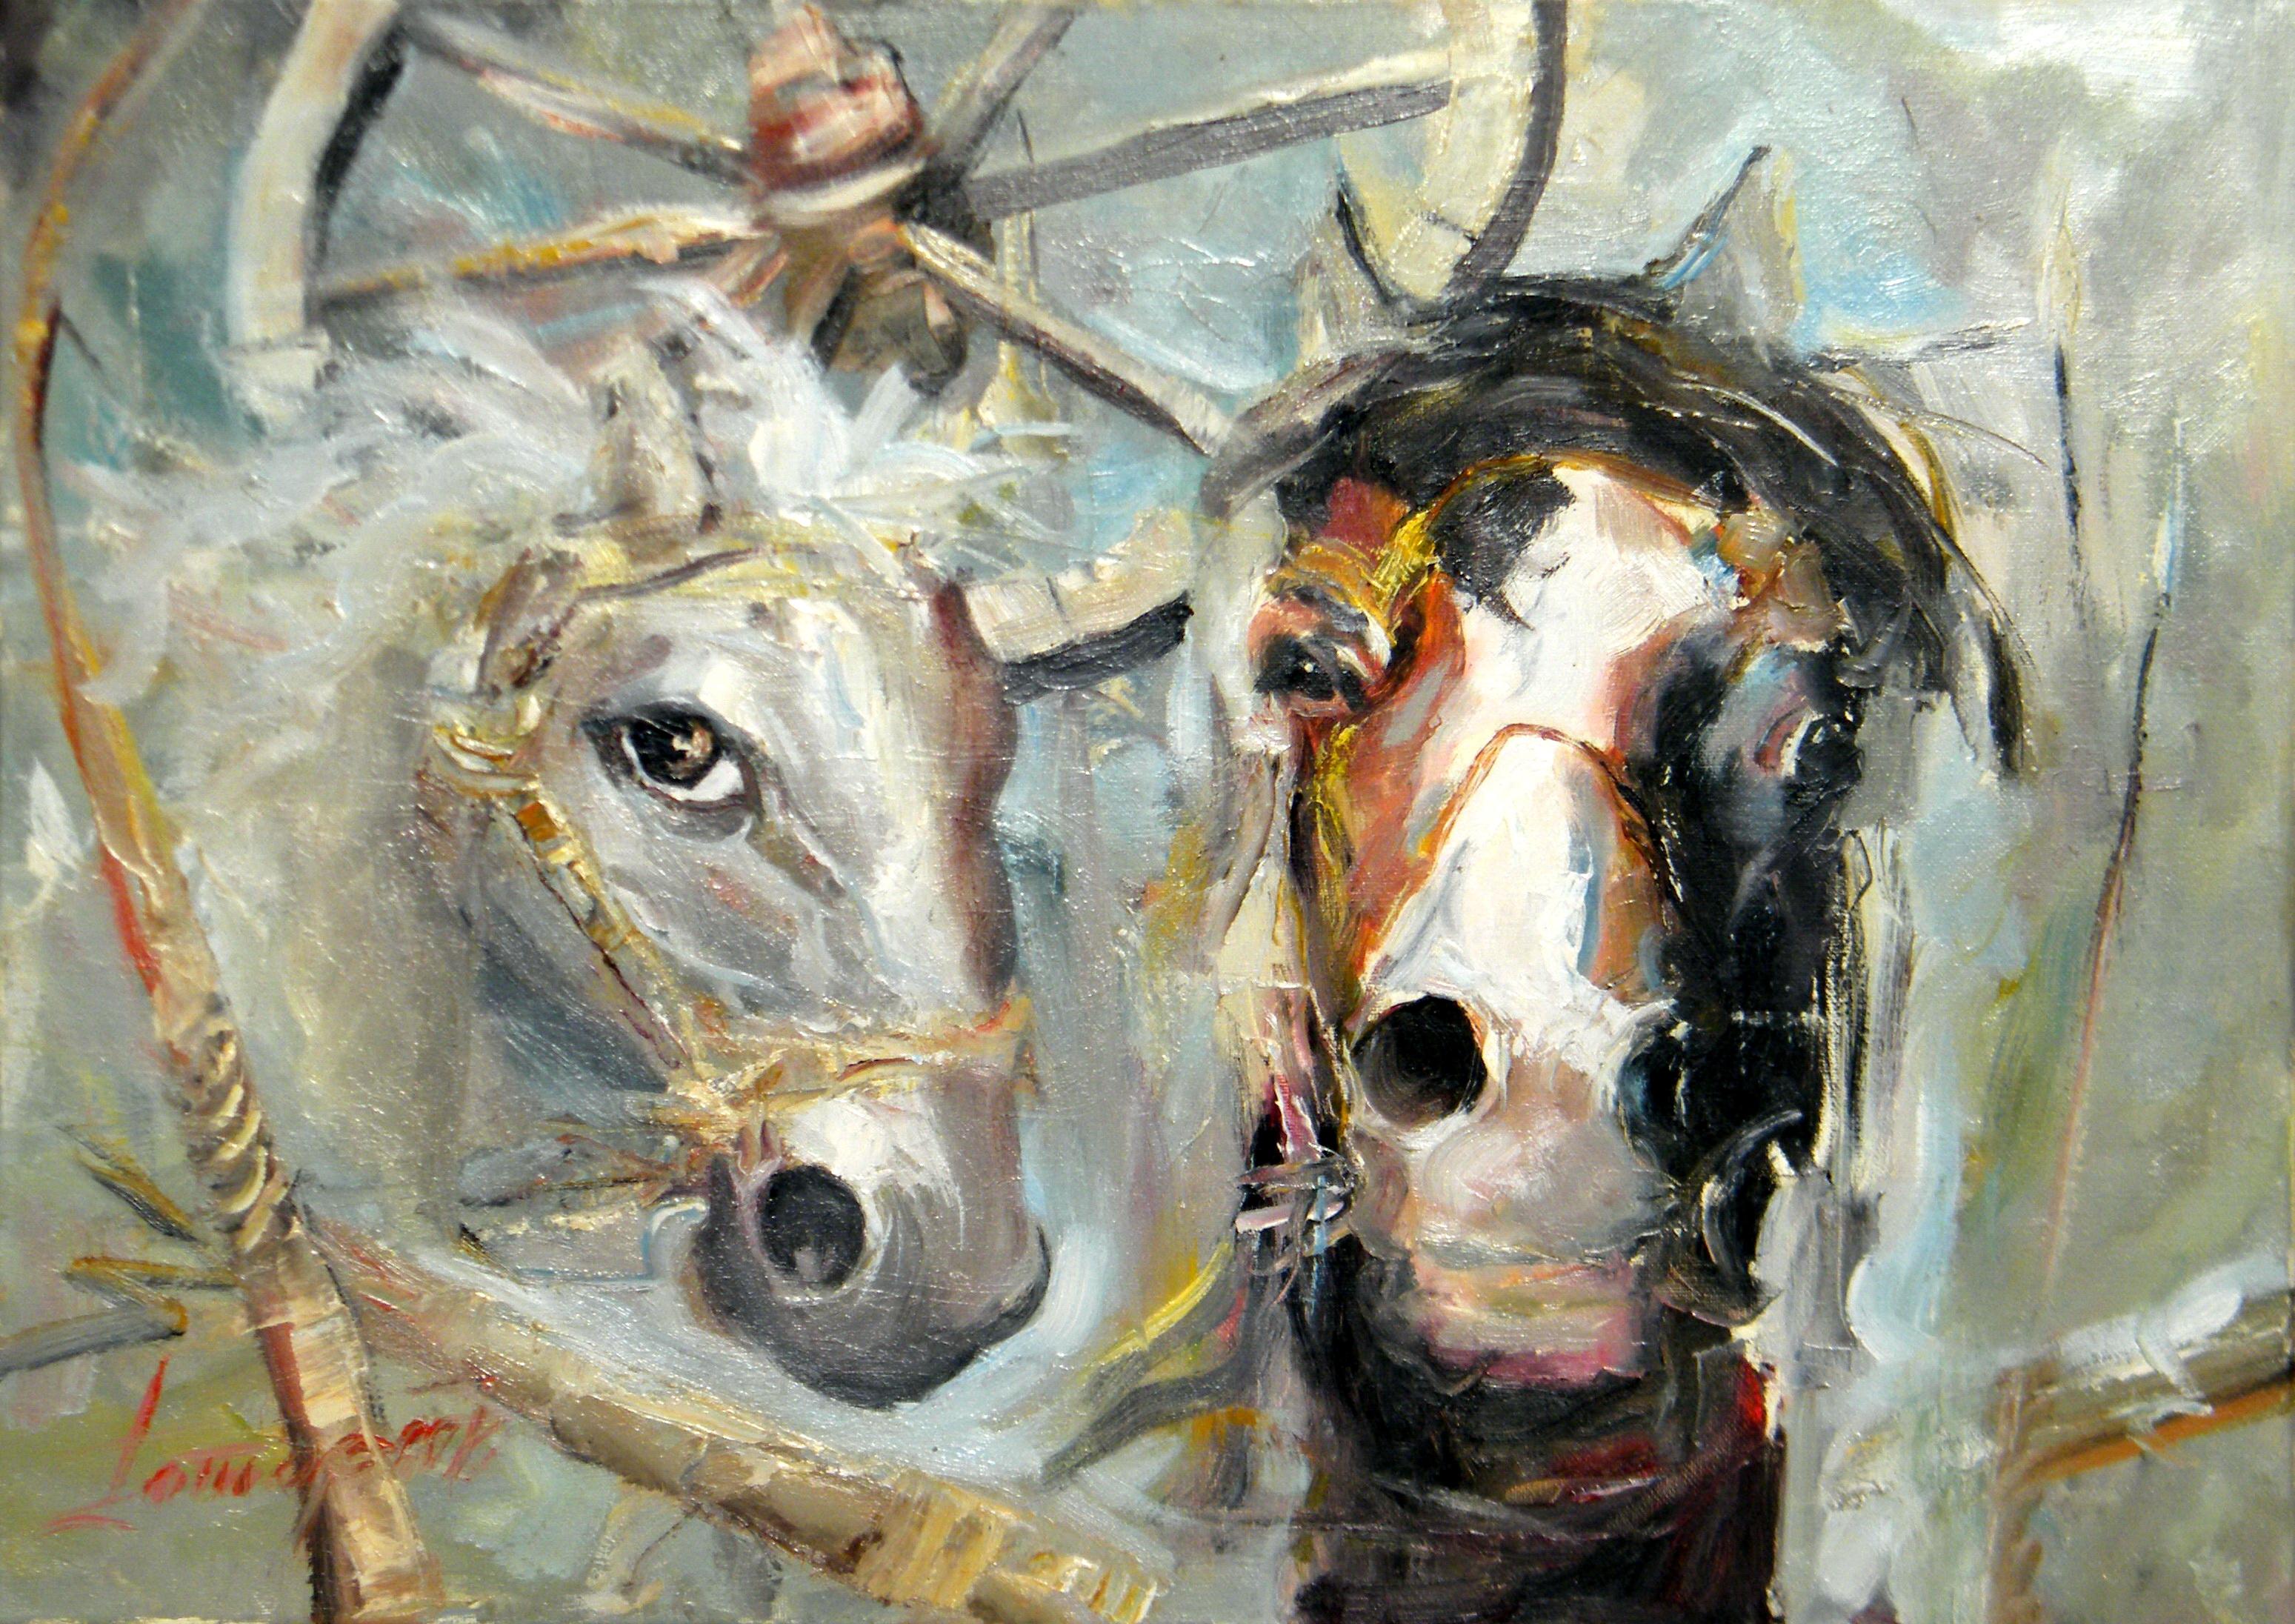 Život jednog konja, 50x70, Goran Gatarić, ulje na platnu